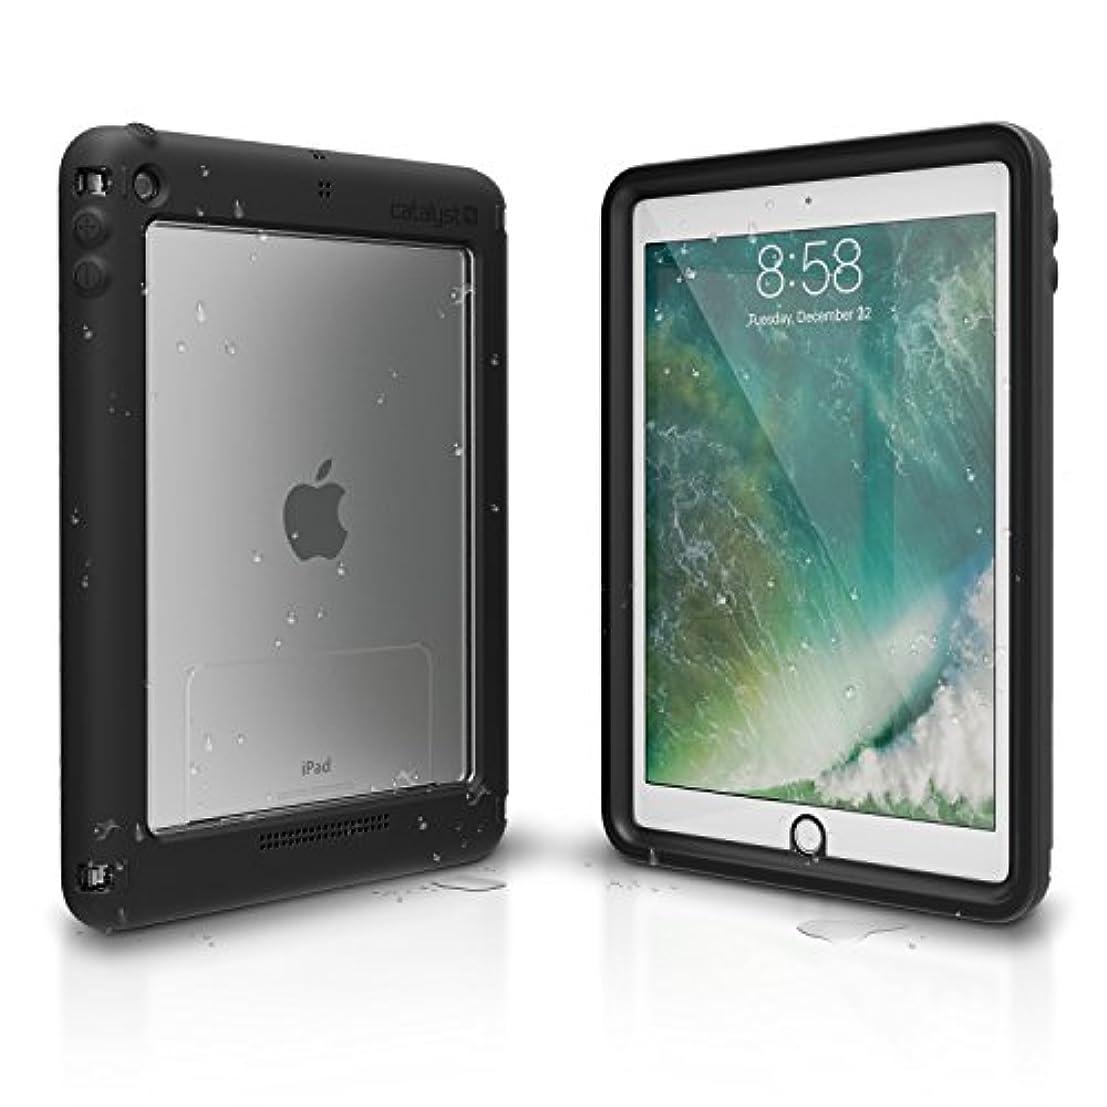 韻アルコーブゆでるCatalyst iPad 9.7インチ 防水ケース 耐衝撃 落下防止 保護ケース [iPad 第6世代対応] プレミアム品質カバー タッチ感度 マルチポジションスタンド ブラック